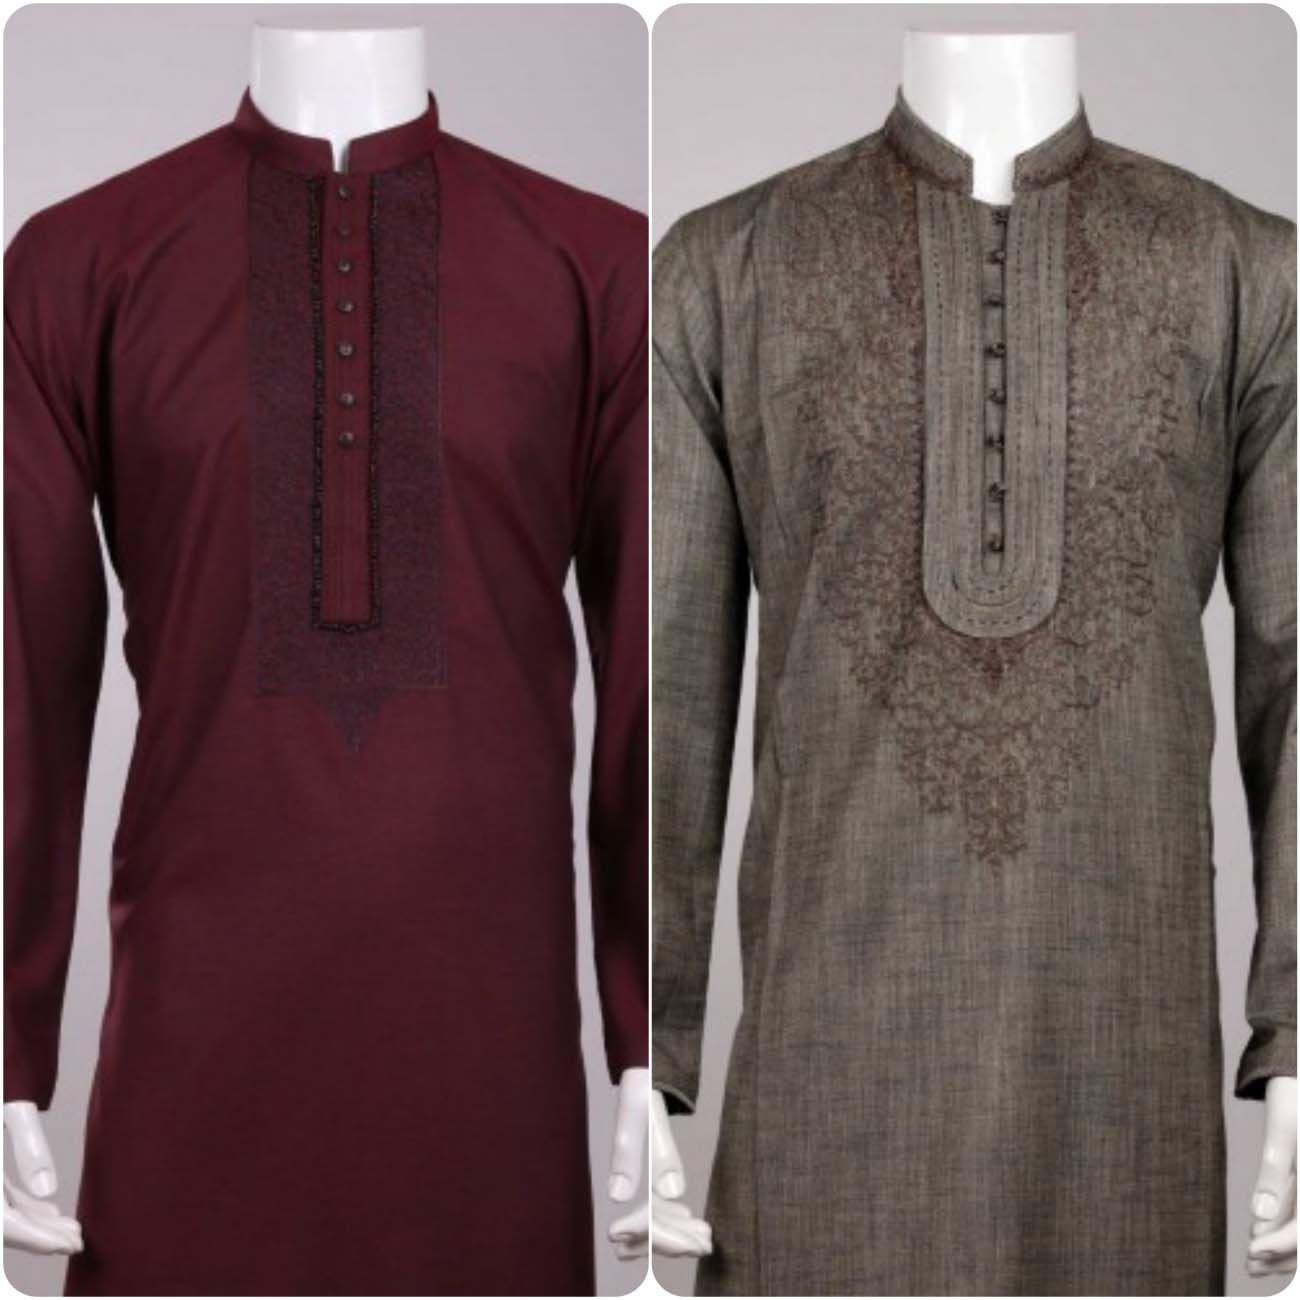 428107dd82 Latest Eden Robe Shalwar Kameez Suits For Men 2016-2017...styloPlanet (14)